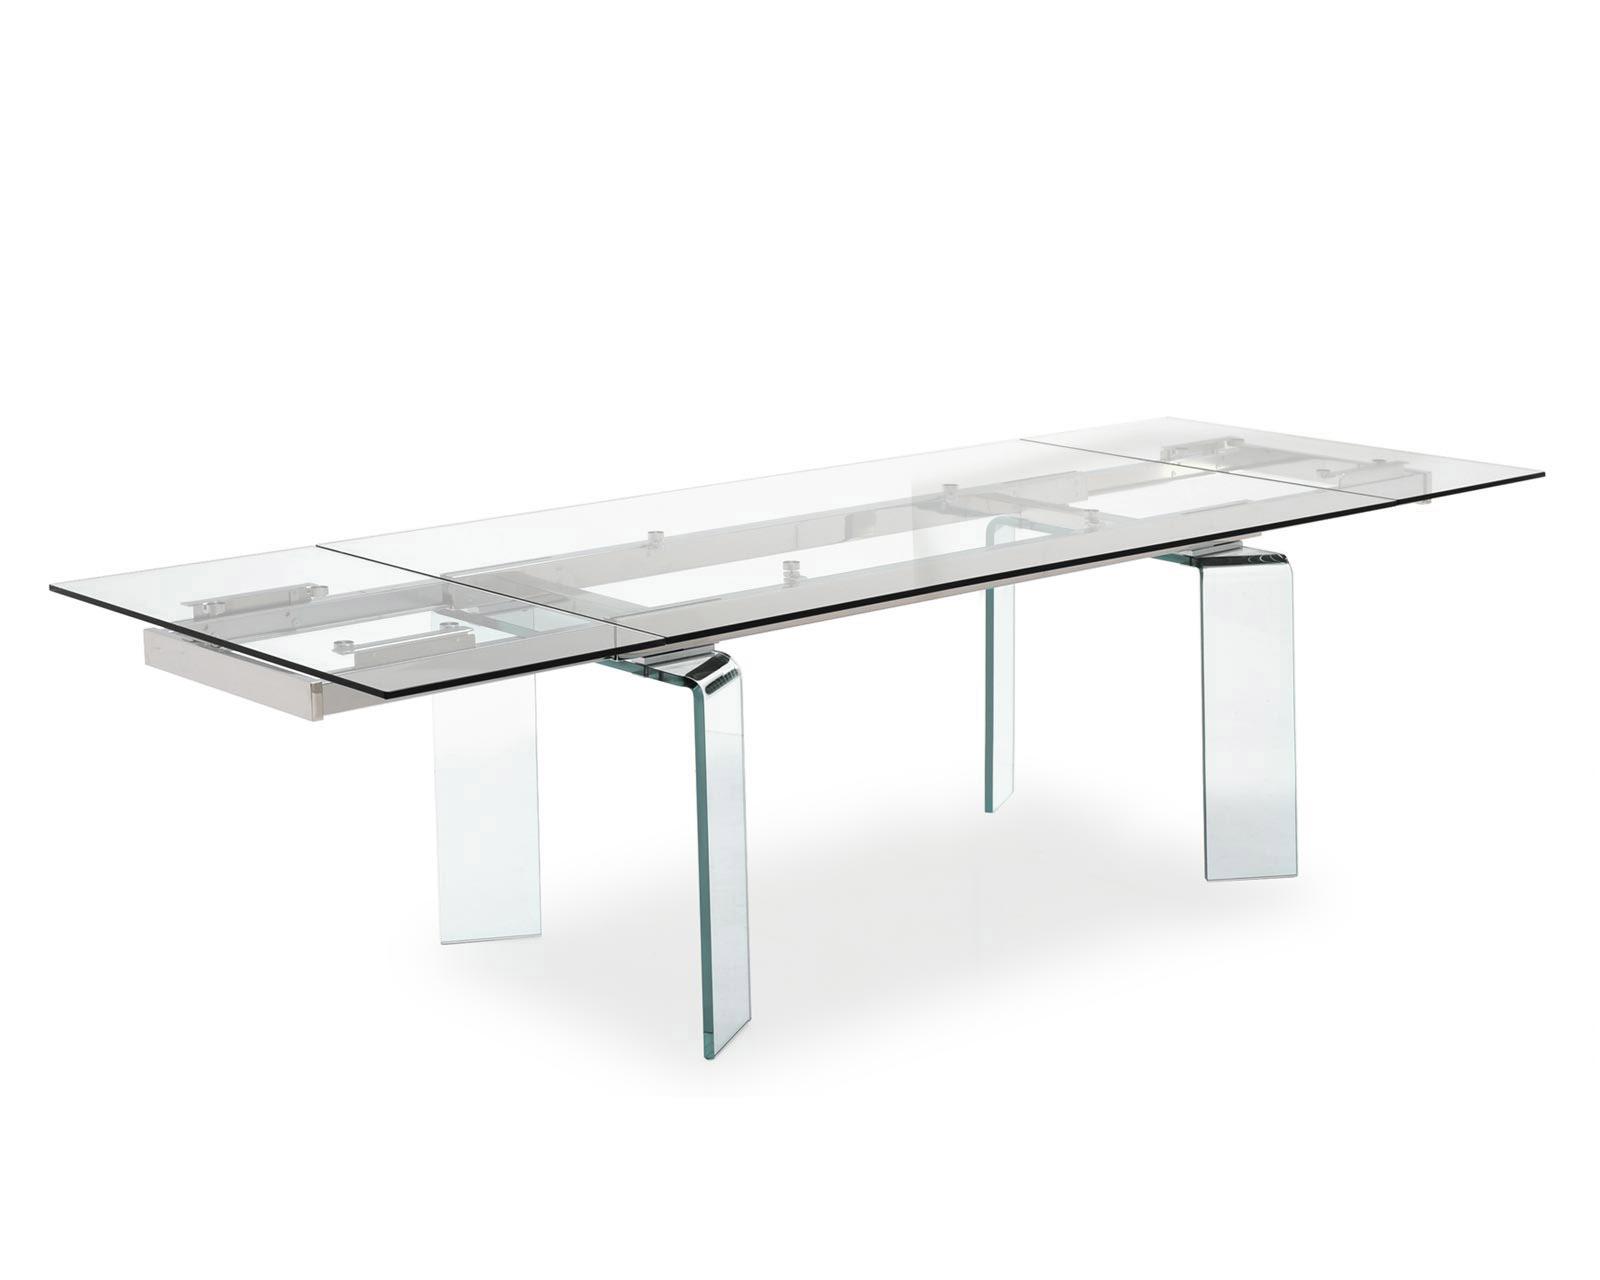 Calligaris tavolo tutto su ispirazione design casa for Tavolo orbital calligaris offerte